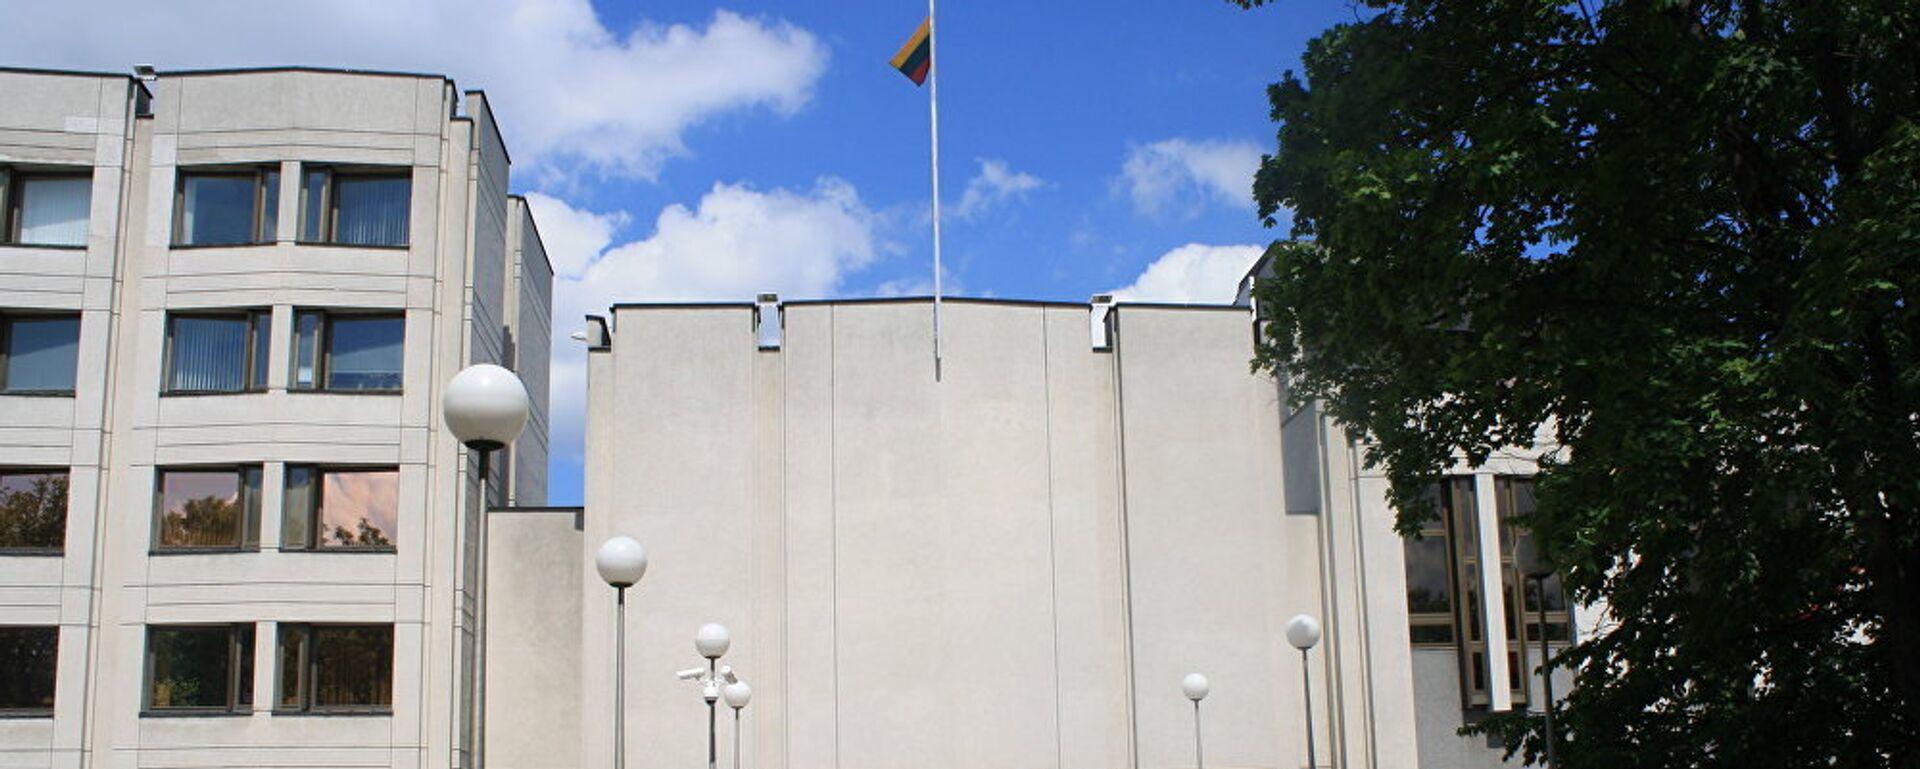 Здание правительства Литвы в Вильнюсе - Sputnik Латвия, 1920, 30.07.2021